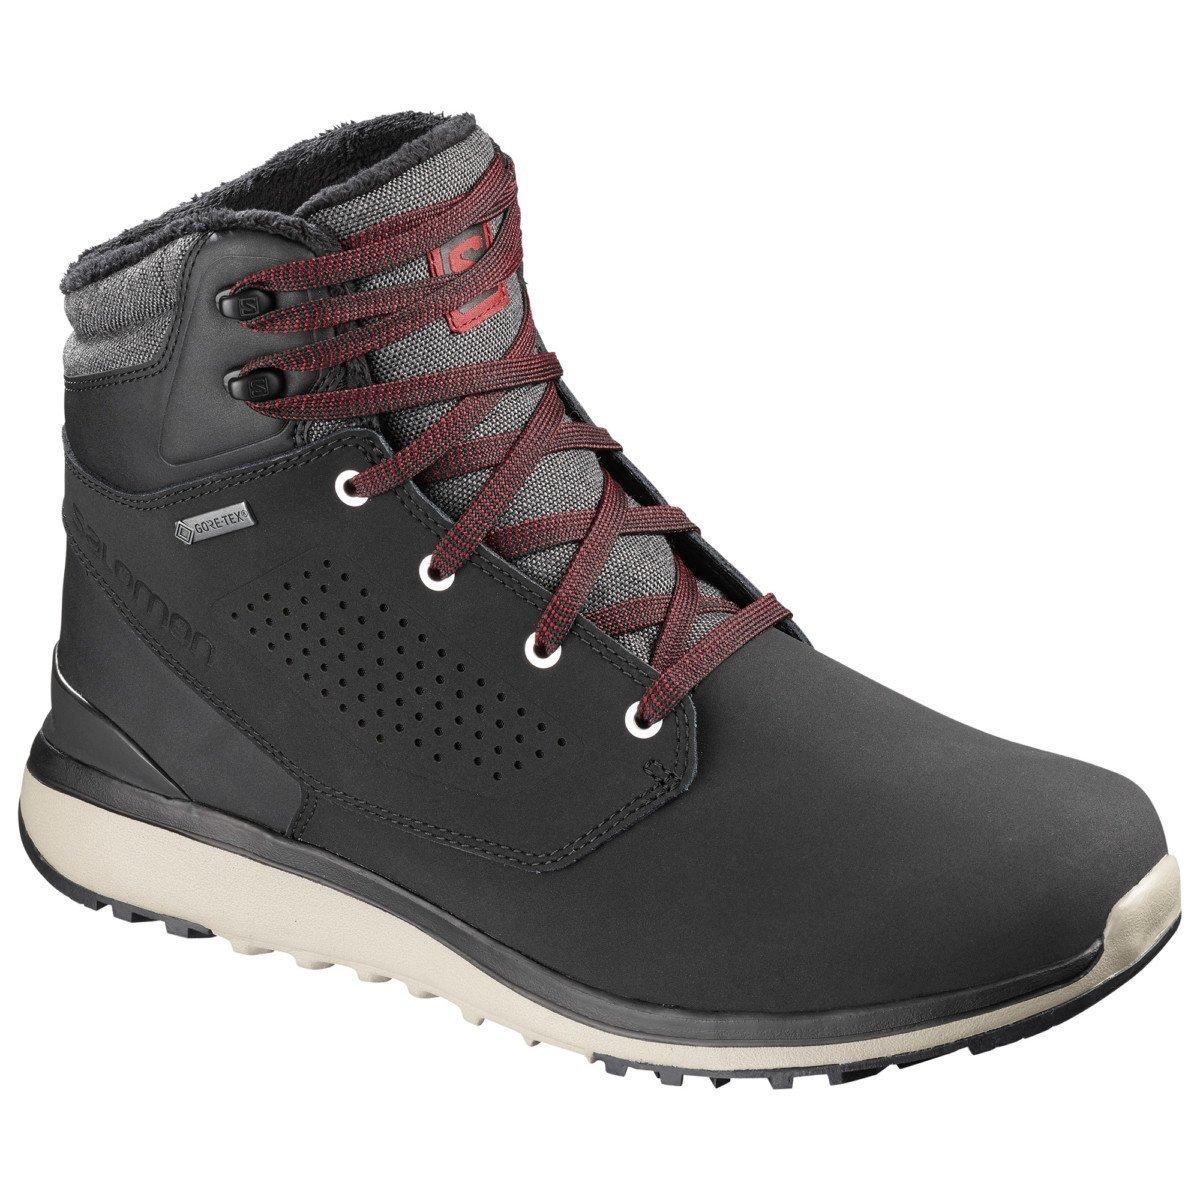 Salomon Utility Winter CS WP, chaussure d'hiver chaude et imperméable homme.